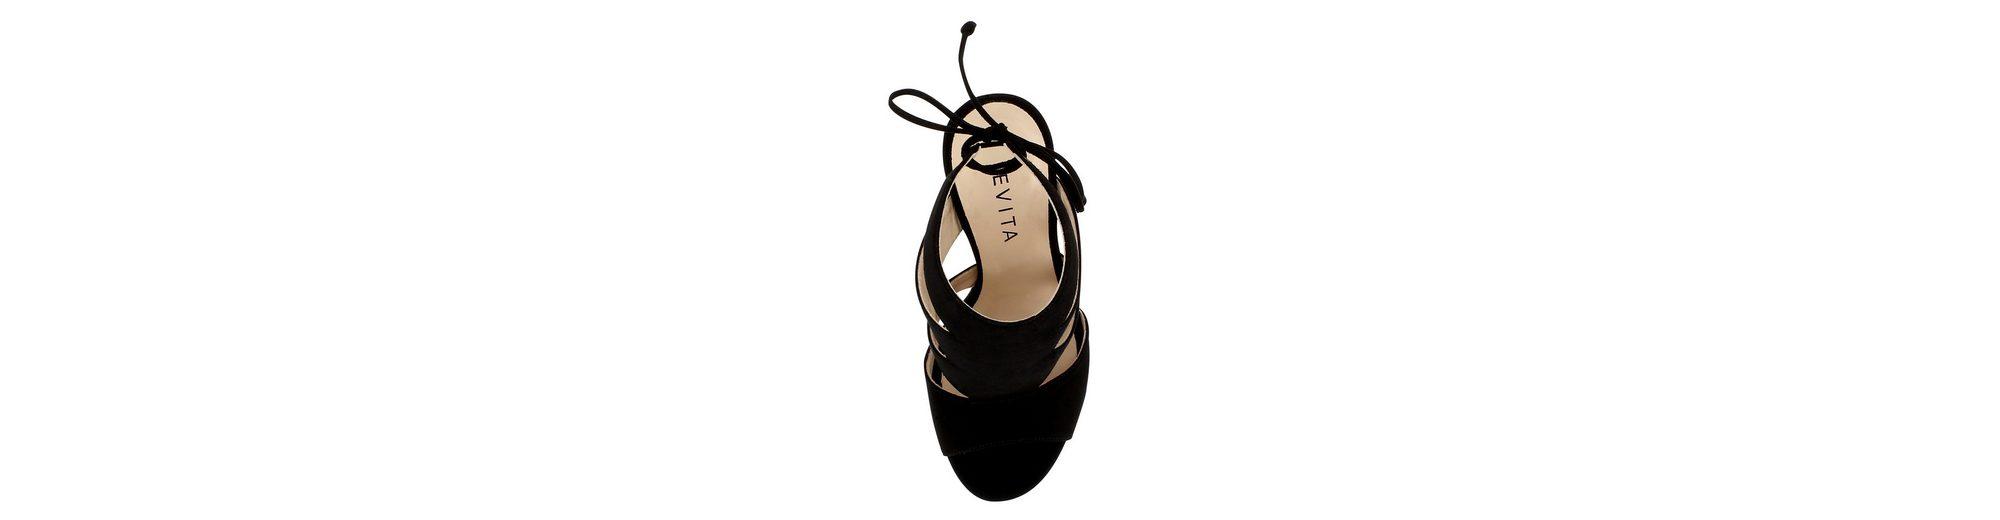 Evita EVA Sandalette Auslass Bestseller Klassisch Billig Billig Großer Verkauf Ausgezeichnete Online-Verkauf XUMzH0